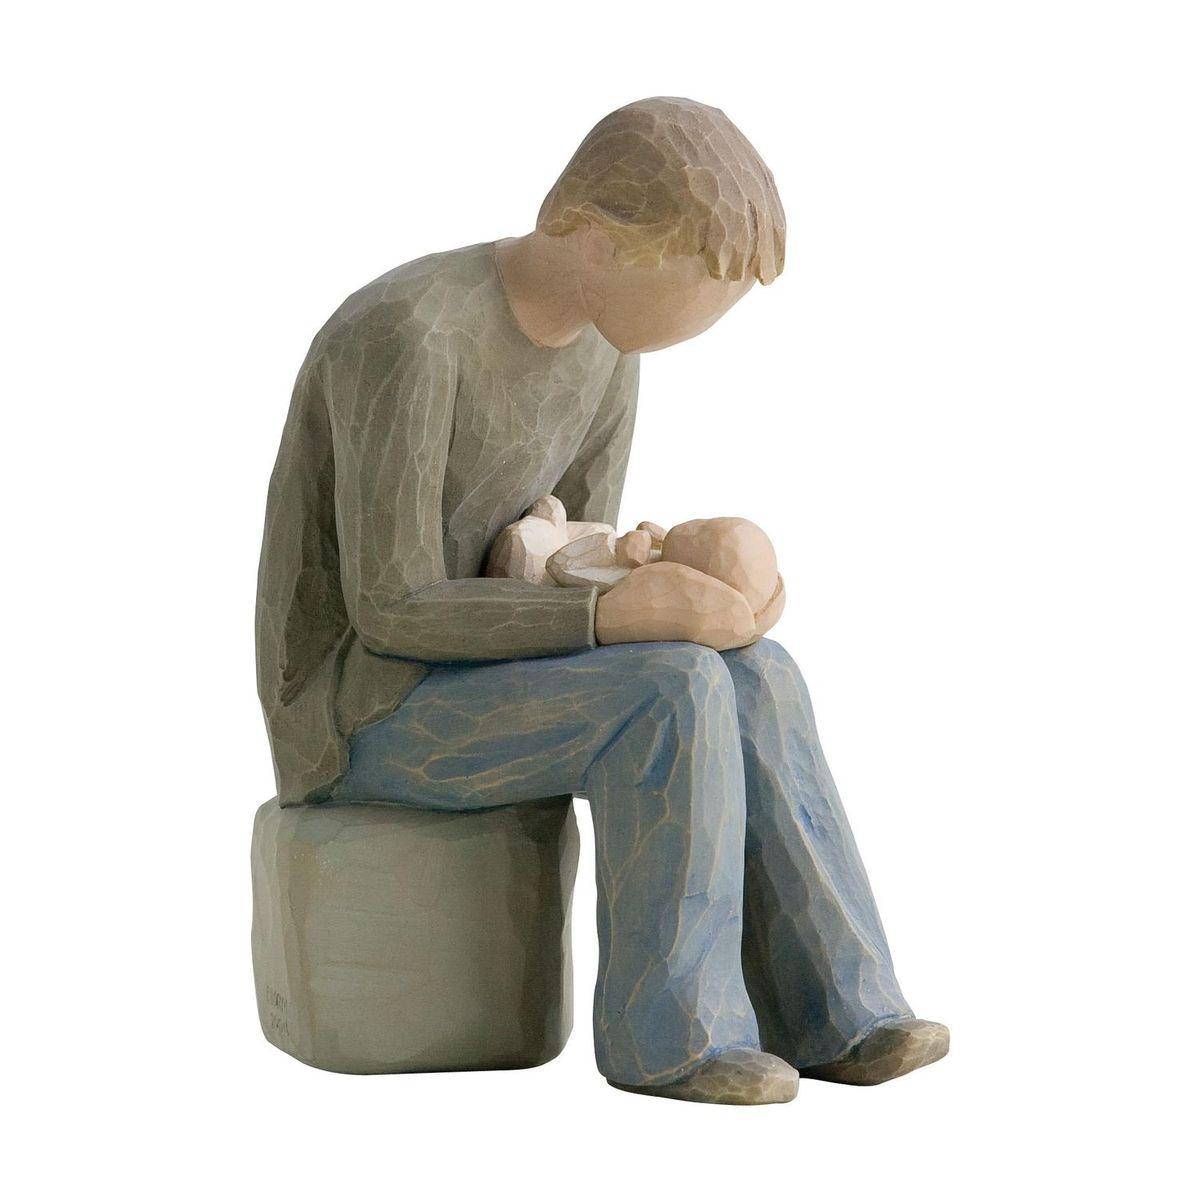 Фигурка Willow Tree Стать отцом, 14 см26129Эти прекрасные статуэтки созданы канадским скульптором Сьюзан Лорди. Каждая фигурка – это настоящее произведение искусства, образная скульптура в миниатюре, изображающая эмоции и чувства, которые помогают нам чувствовать себя ближе к другим, верить в мечту, выражать любовь. Каждая фигурка помещена в красивую упаковку. Купить такой оригинальный подарок, значит не только украсить интерьер помещения или жилой комнаты, но выразить свое глубокое отношение к любимому человеку. Этот прекрасный сувенир будет лучшим подарком на день ангела, именины, день рождения, юбилей. Материал: Искусственный камень (49% карбонат кальция мелкозернистой разновидности, 51% искусственный камень)